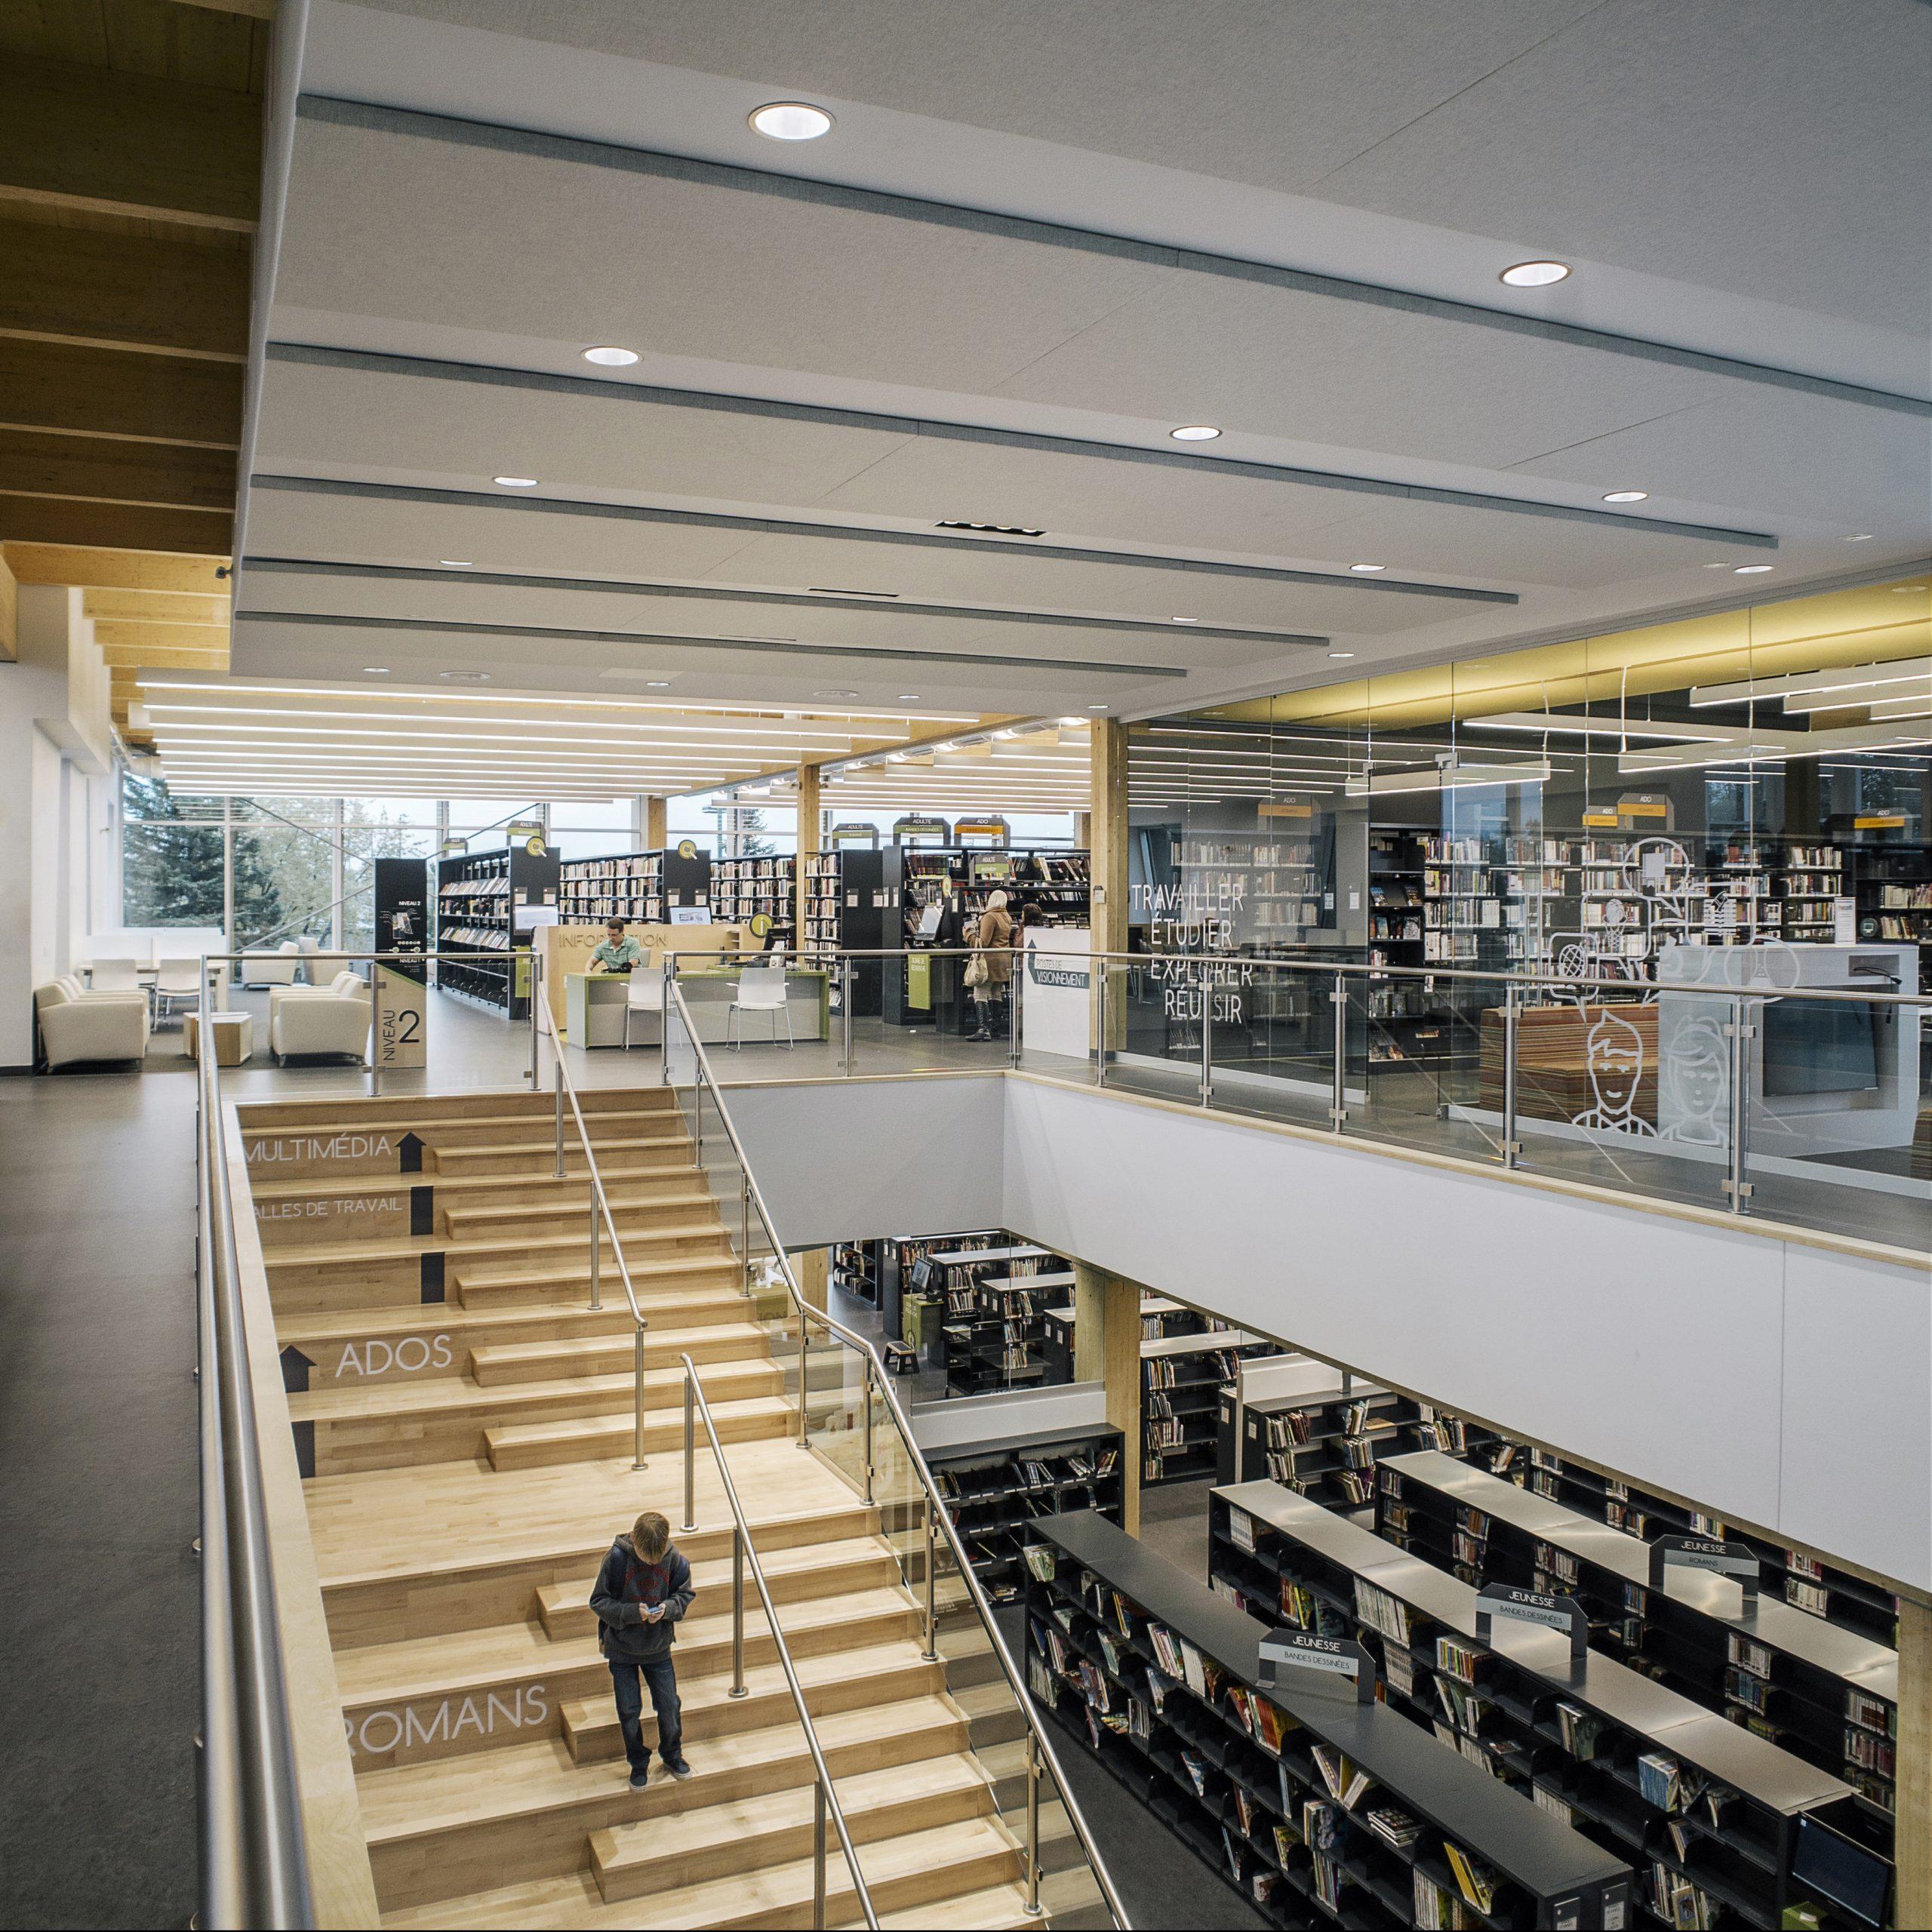 'Bibliothèque Paul-Mercier Cecobois